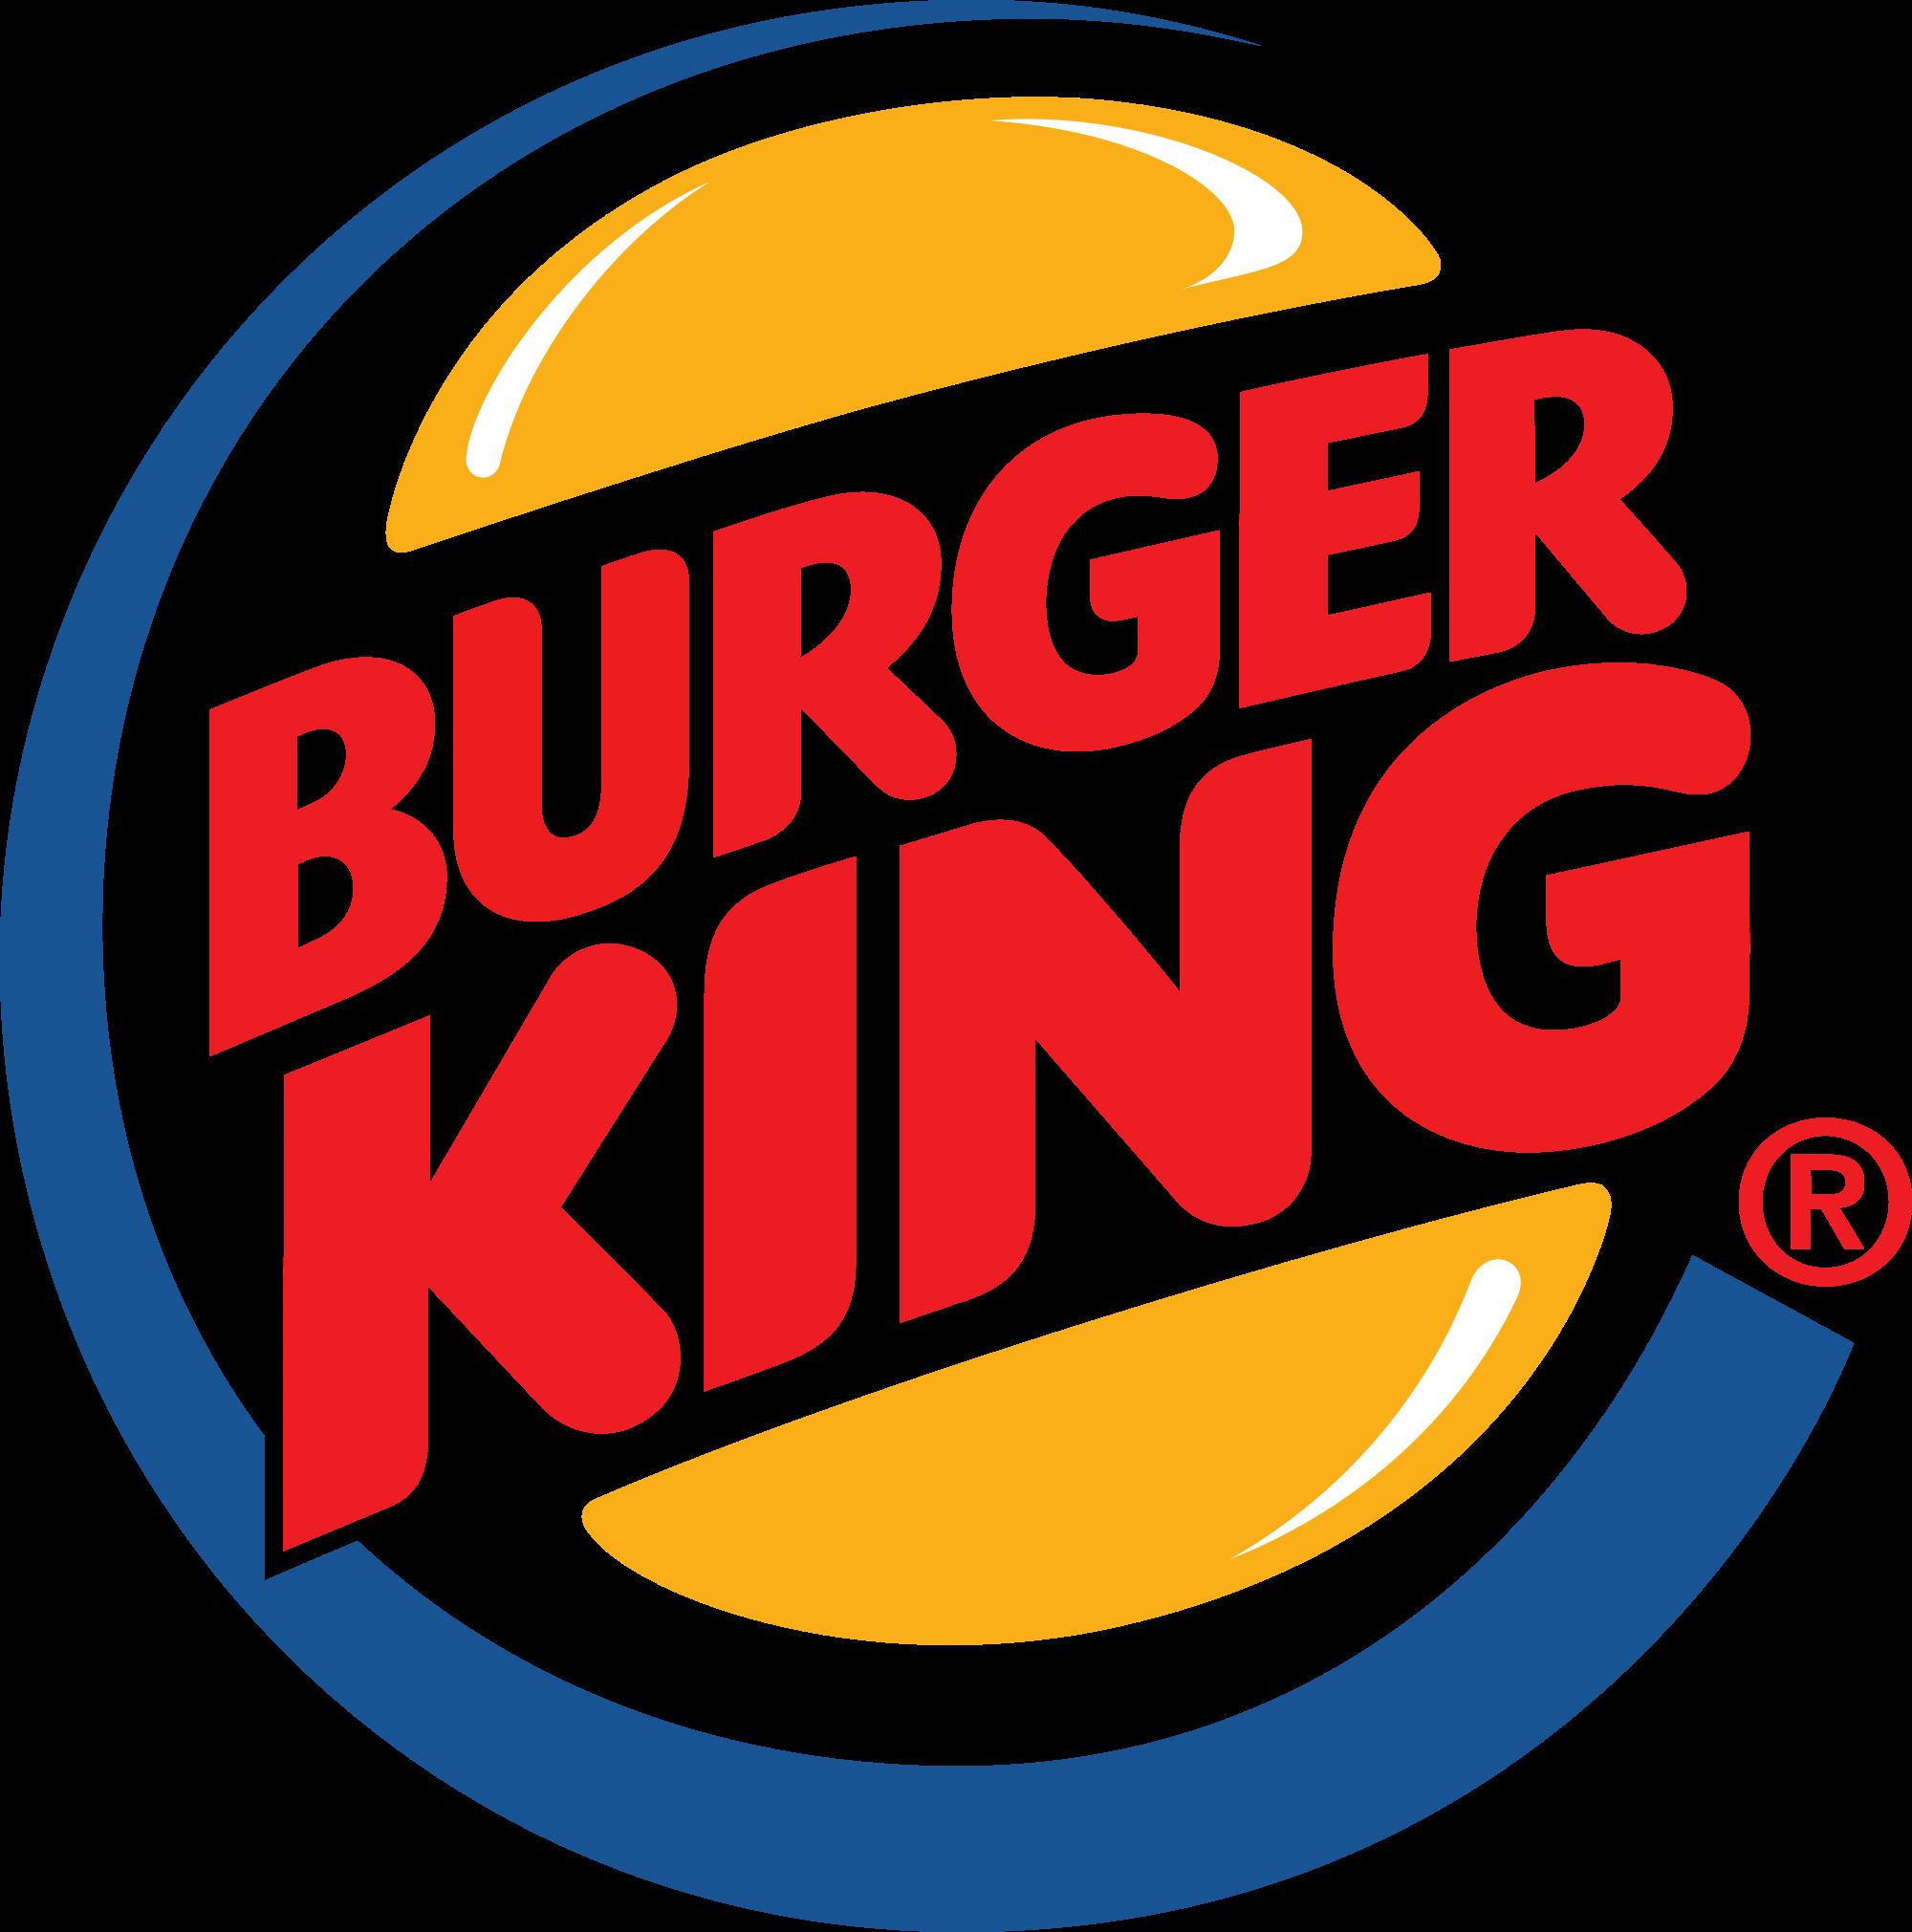 Burger King - MG Road - Gurgaon Image